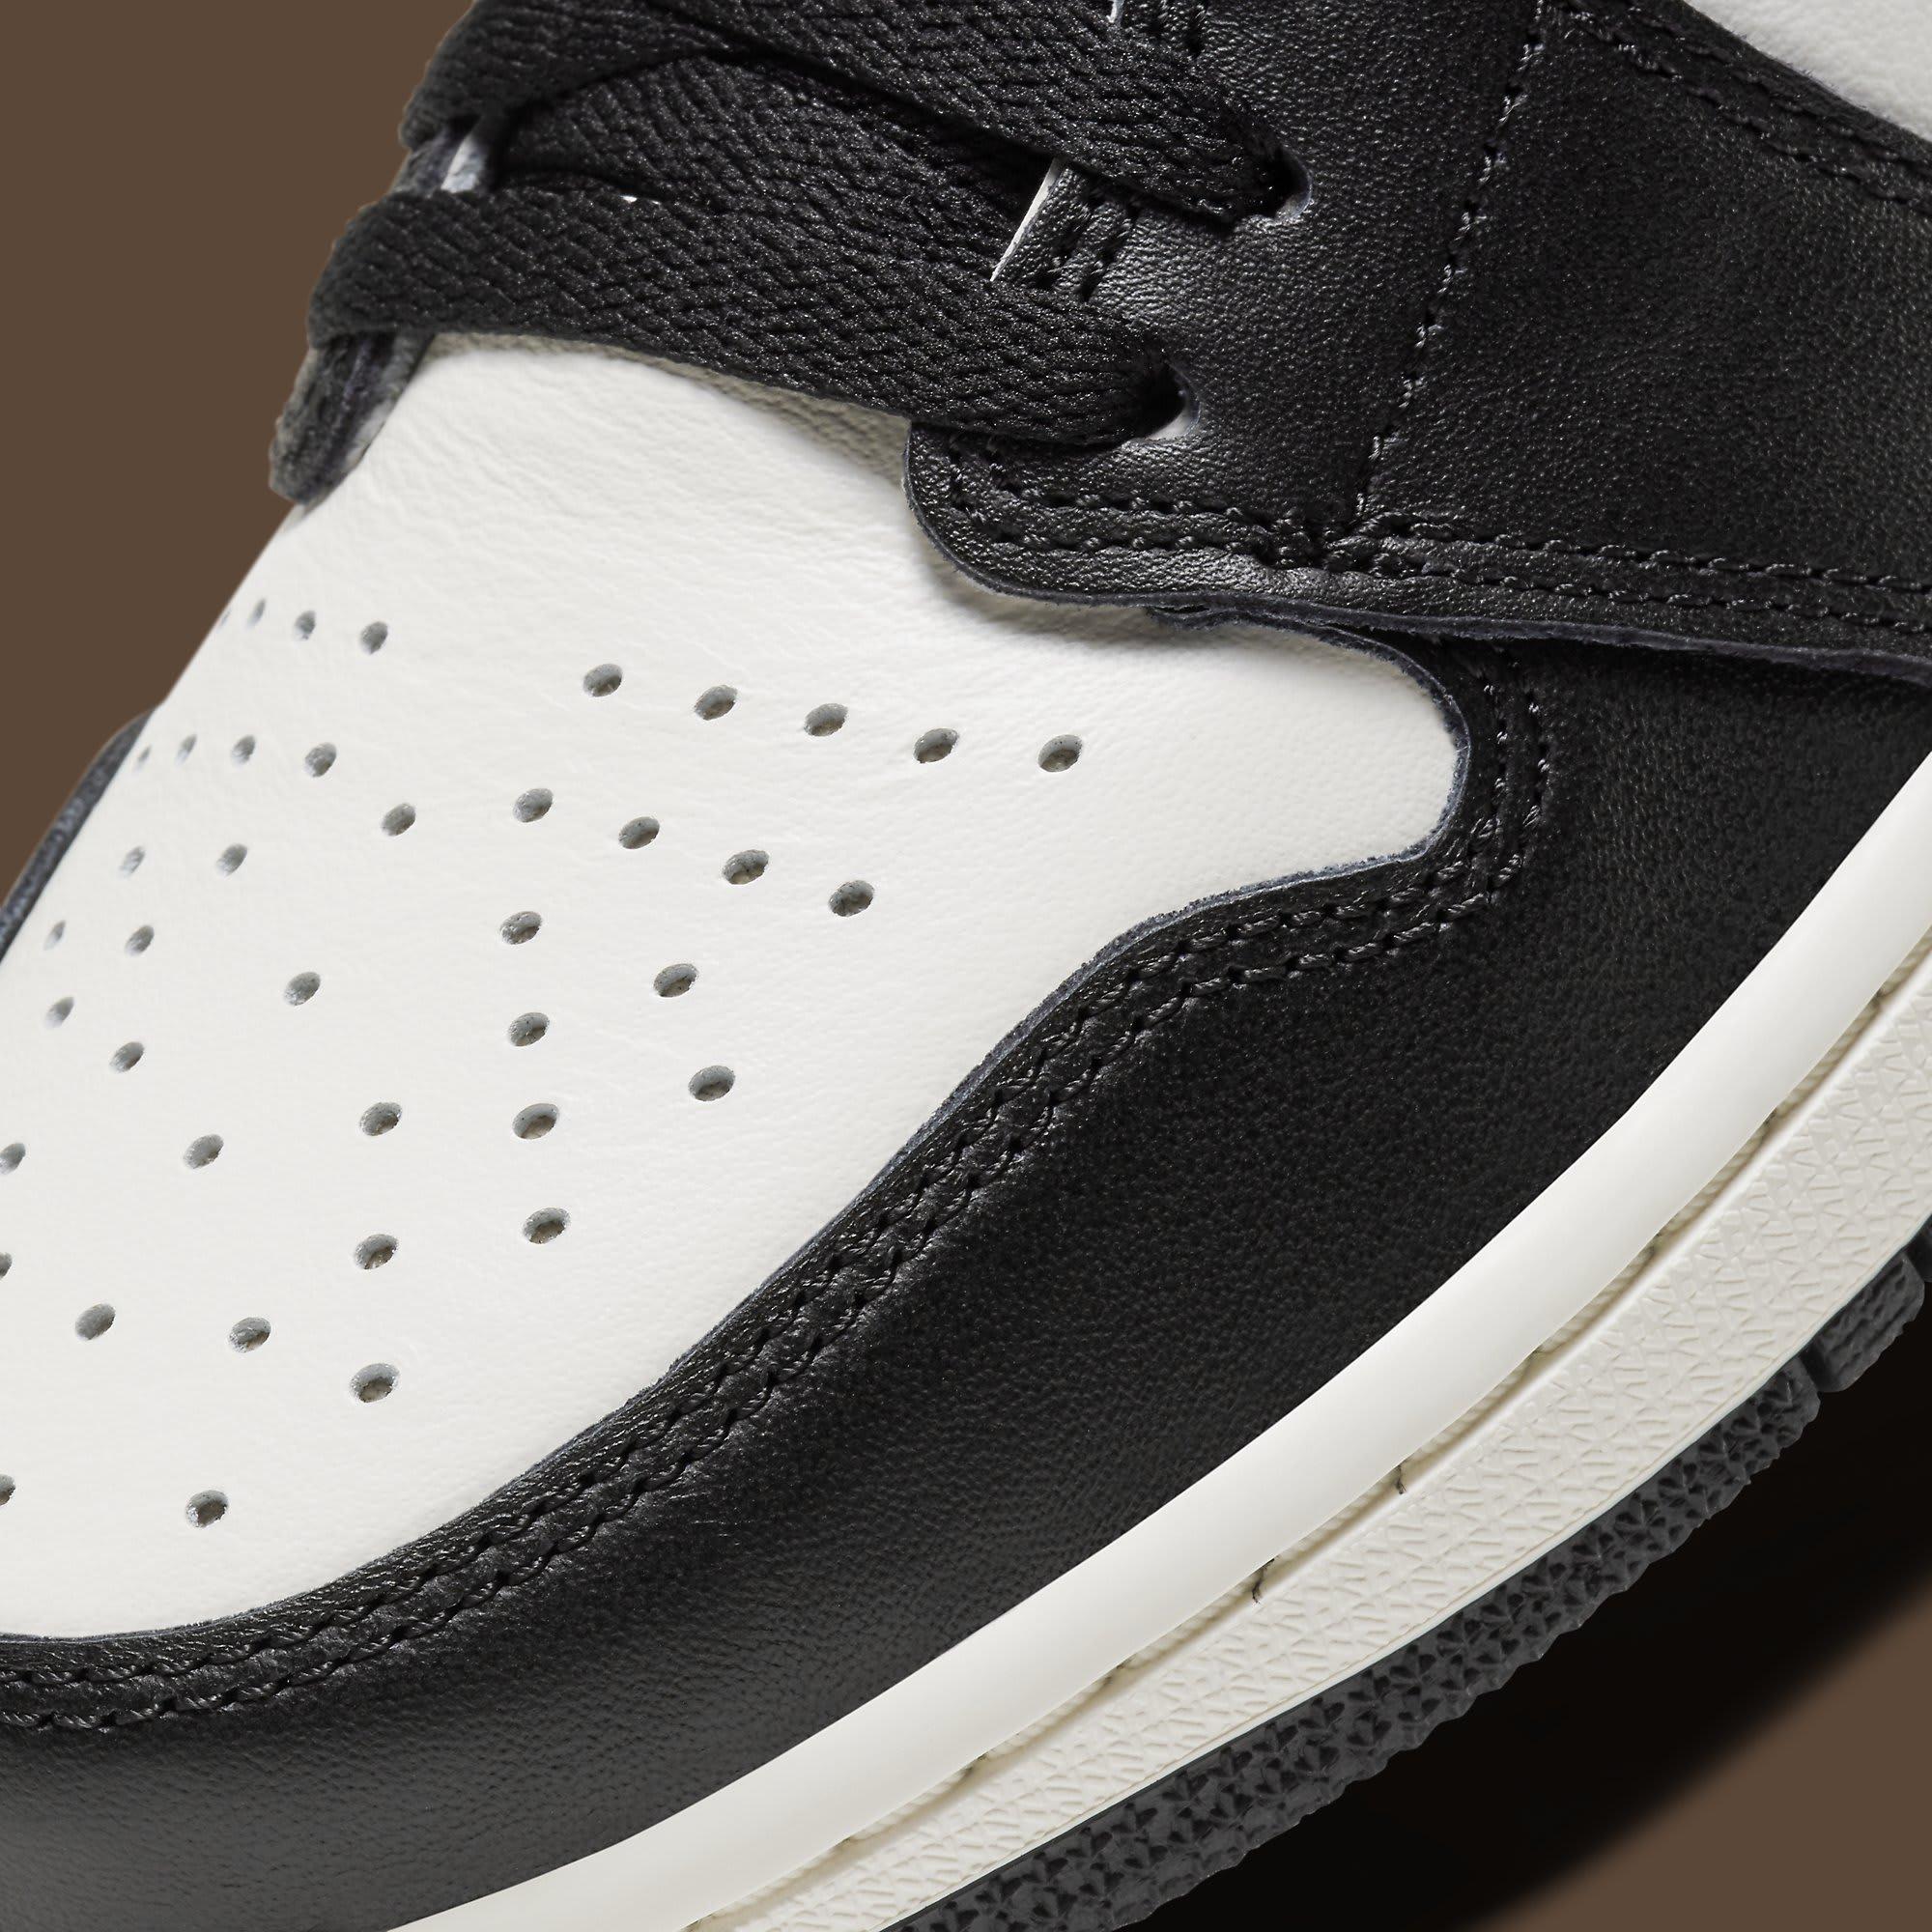 Air Jordan 1 Dark Mocha Release Date 555088-105 Toe Detail